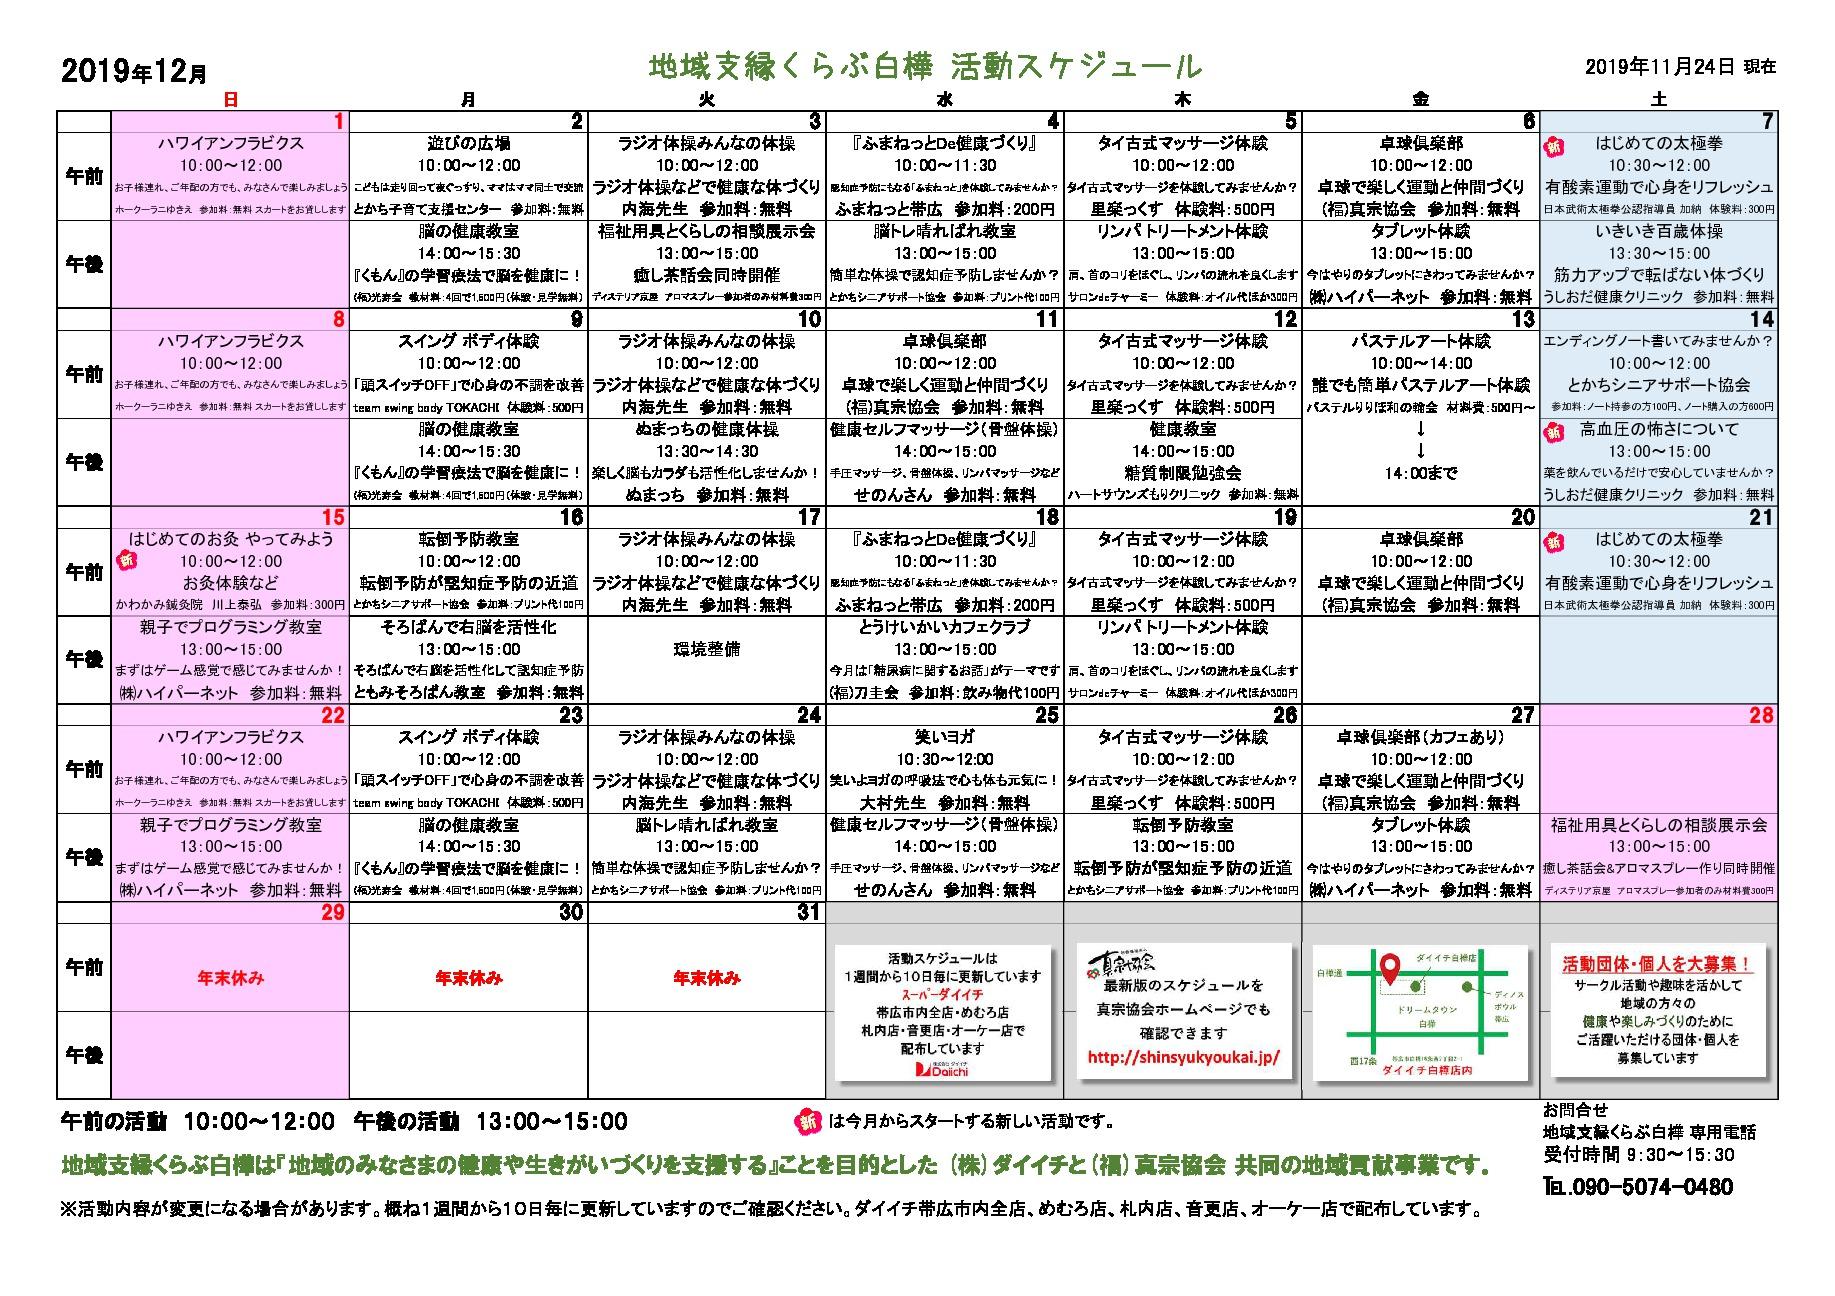 2019活動スケジュール12(2019.11.24付)のサムネイル